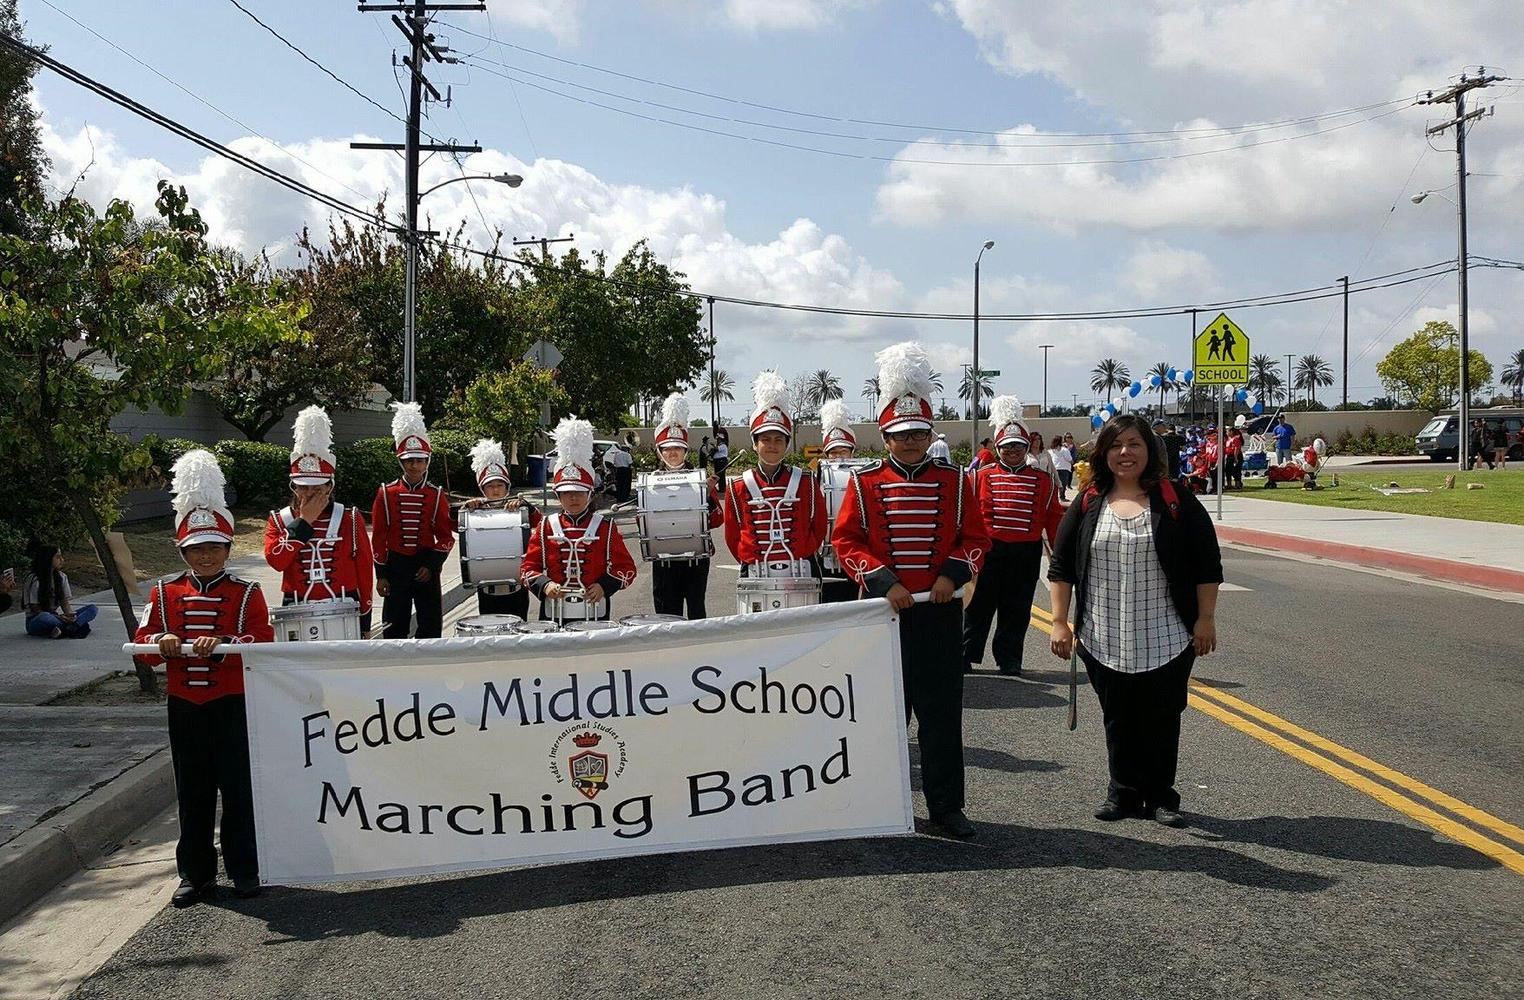 Fedde Band